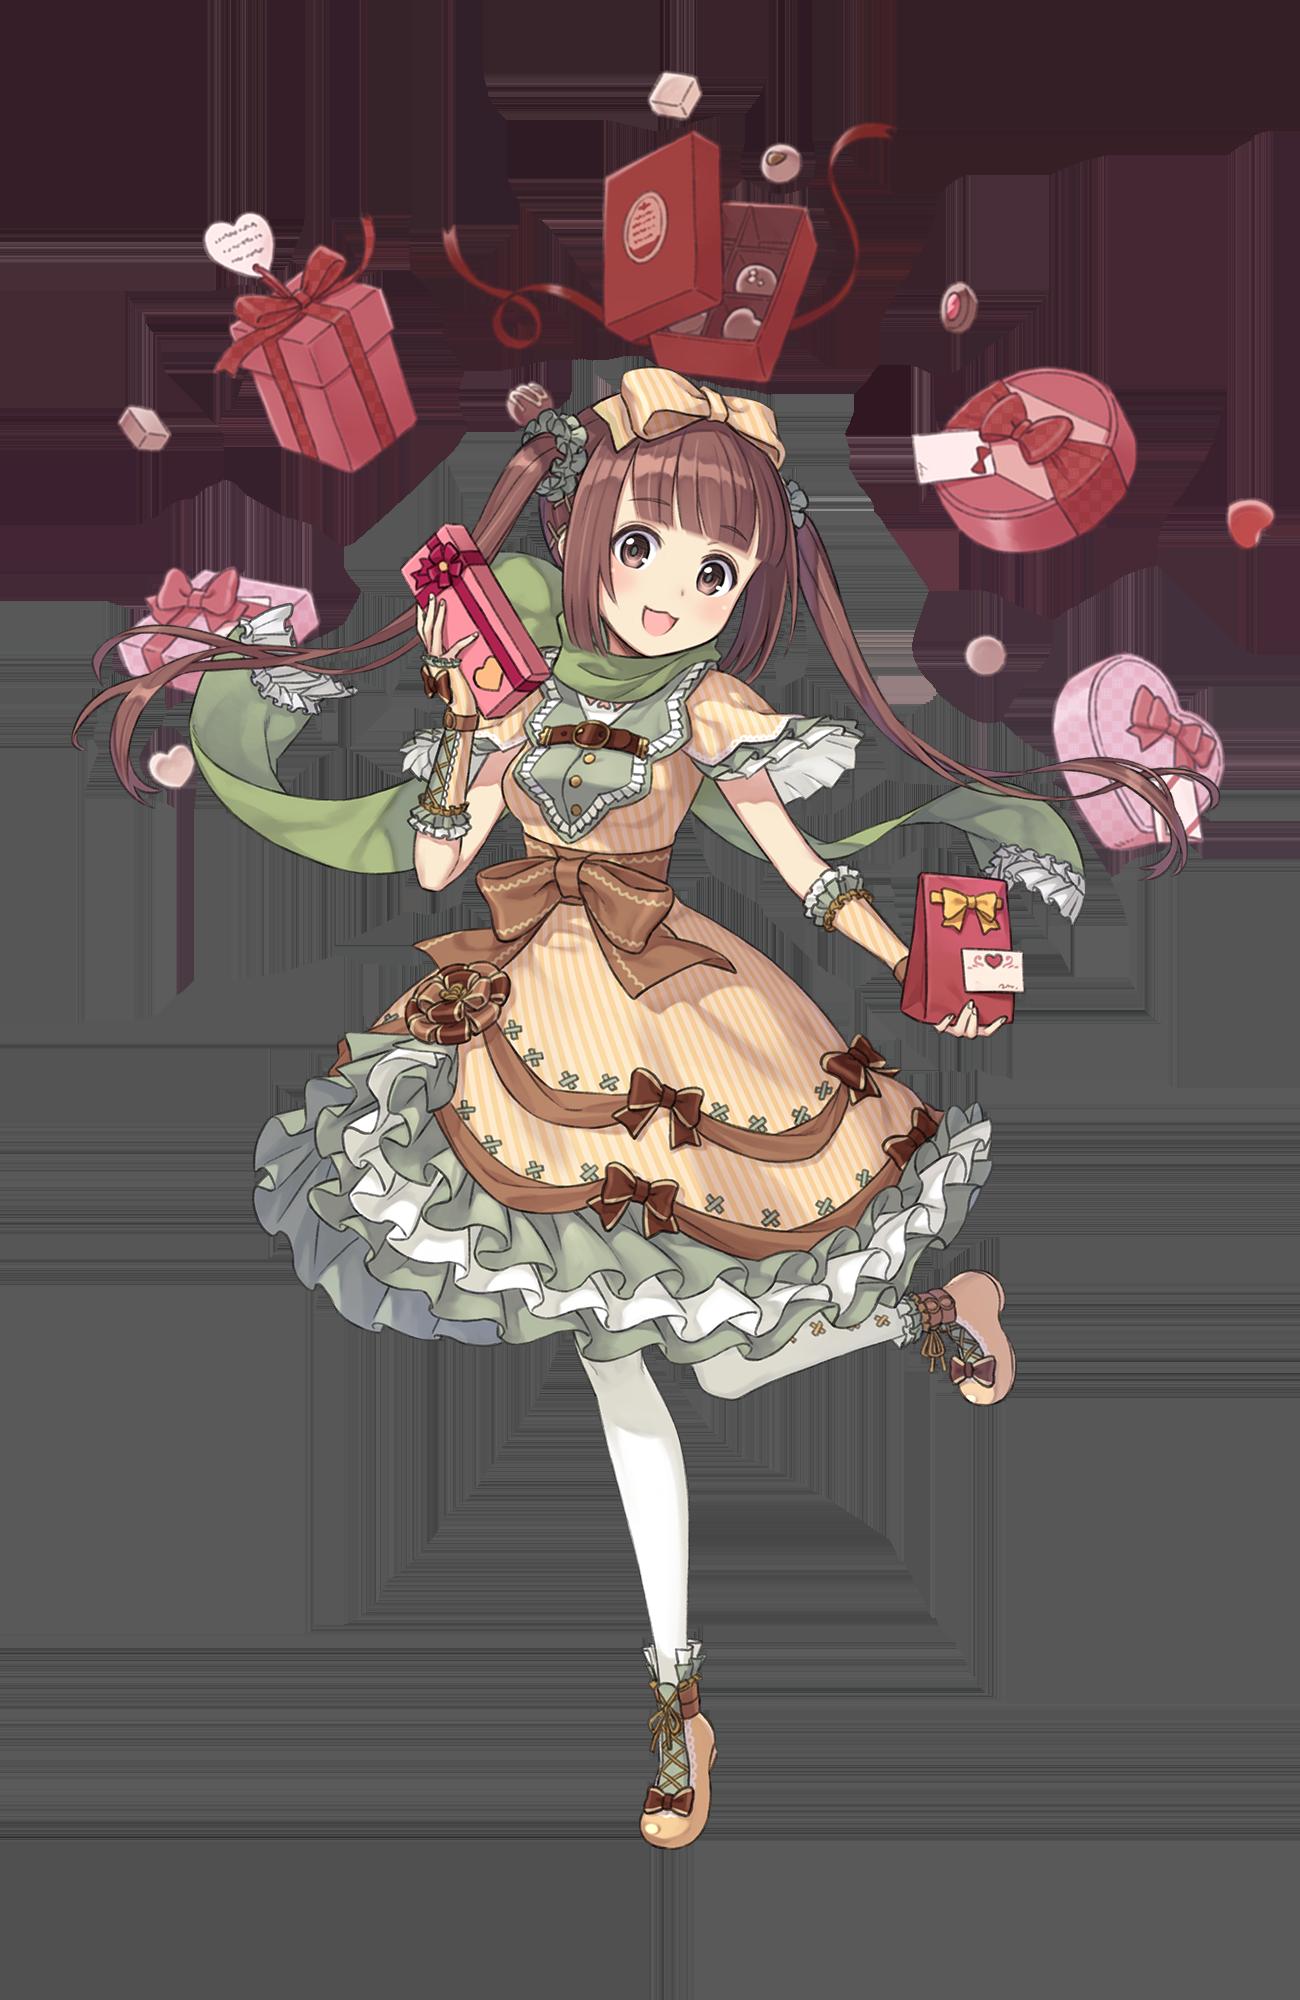 プリンセス・プリンシパルの画像 p1_25